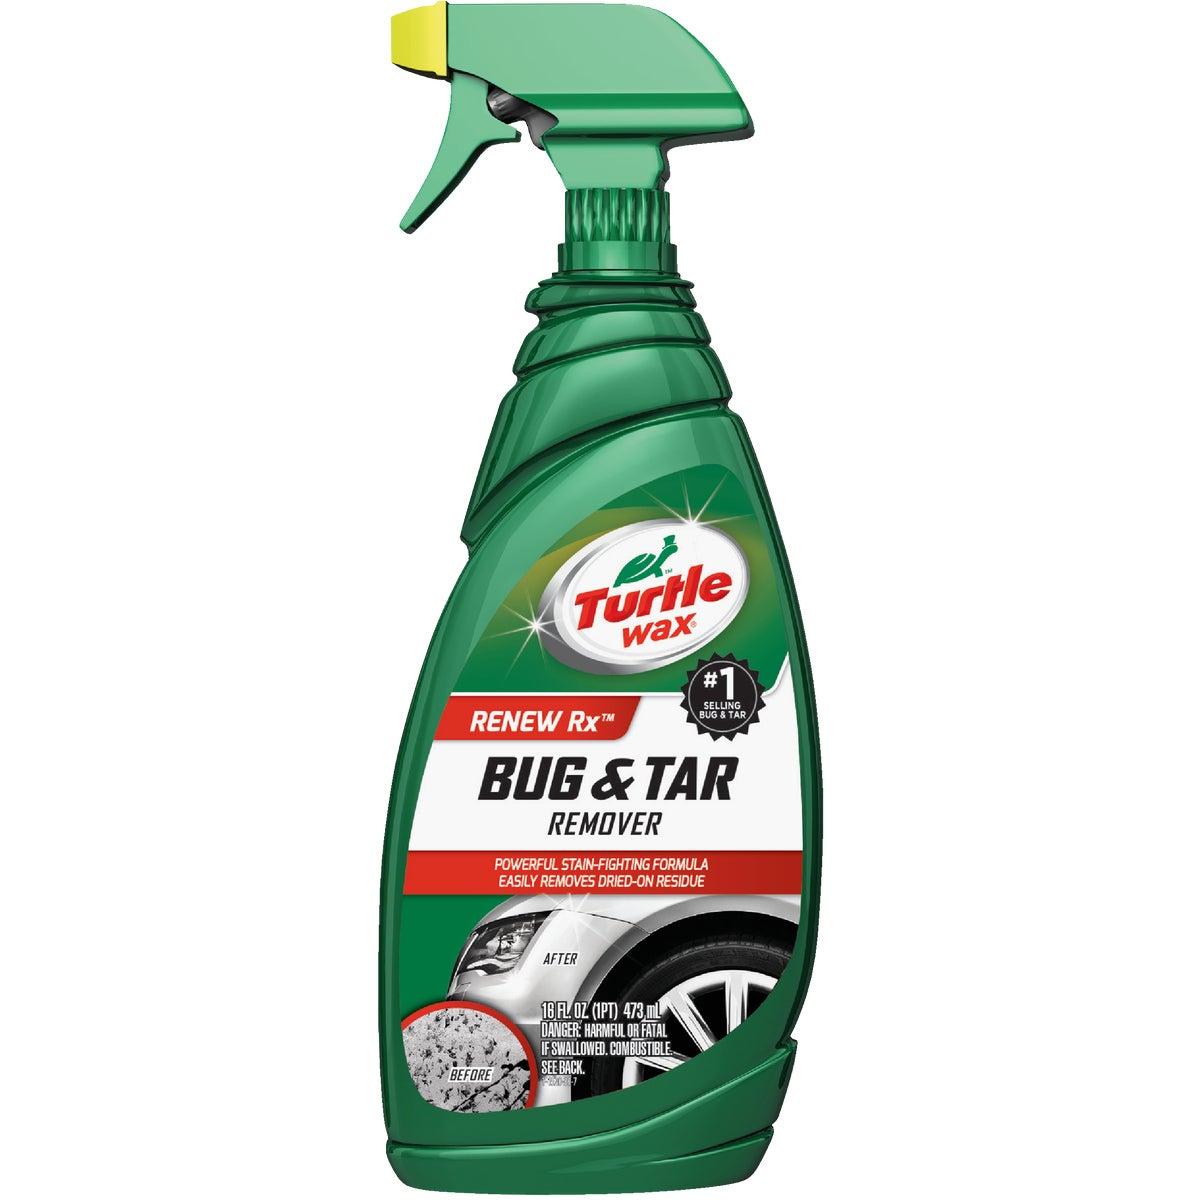 Spray Bug & Tar Remover